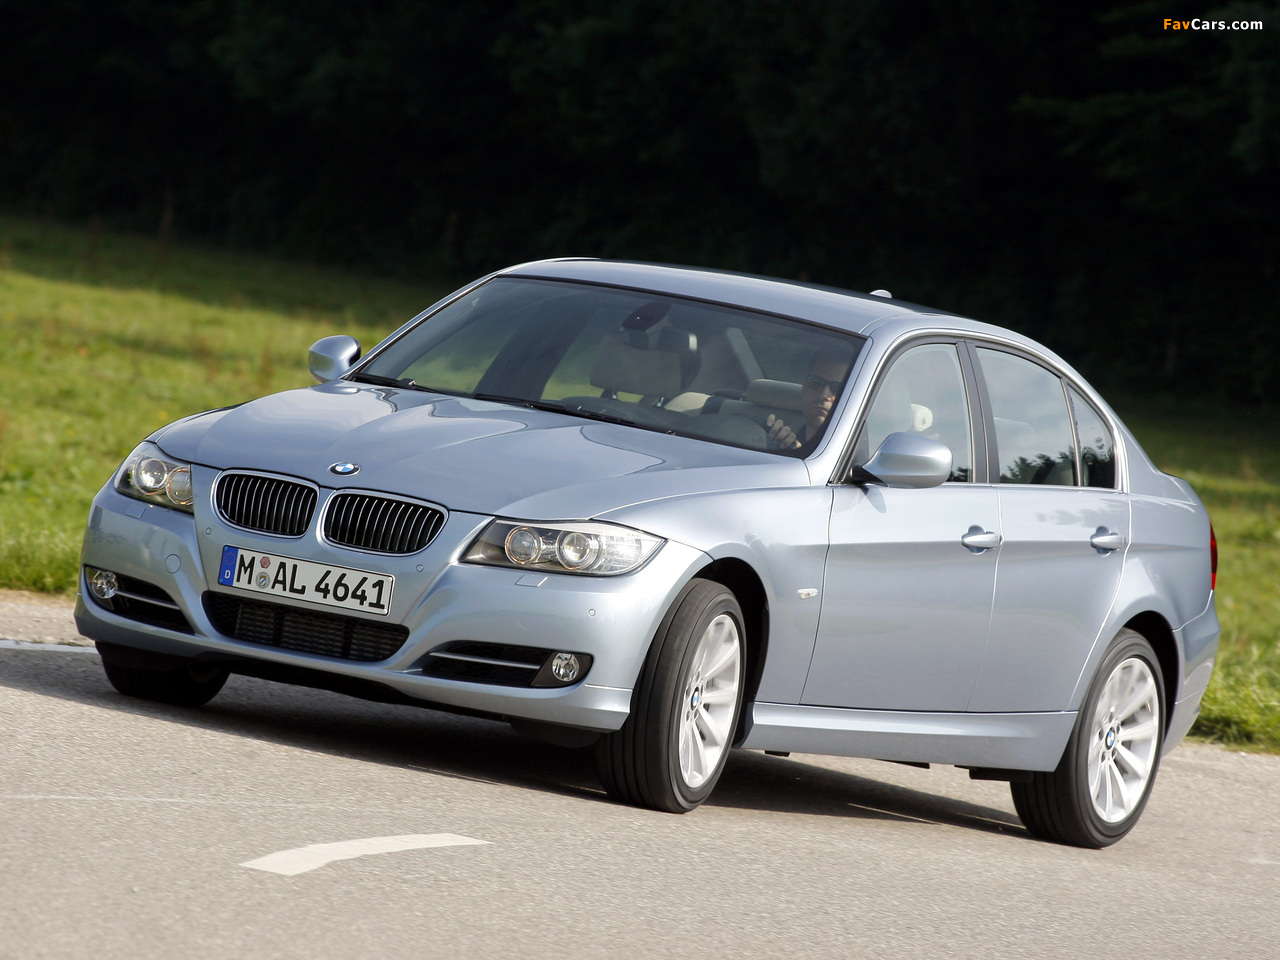 Bmw Car Hd Wallpaper Images Of Bmw 335i Sedan E90 2008 11 1280x960